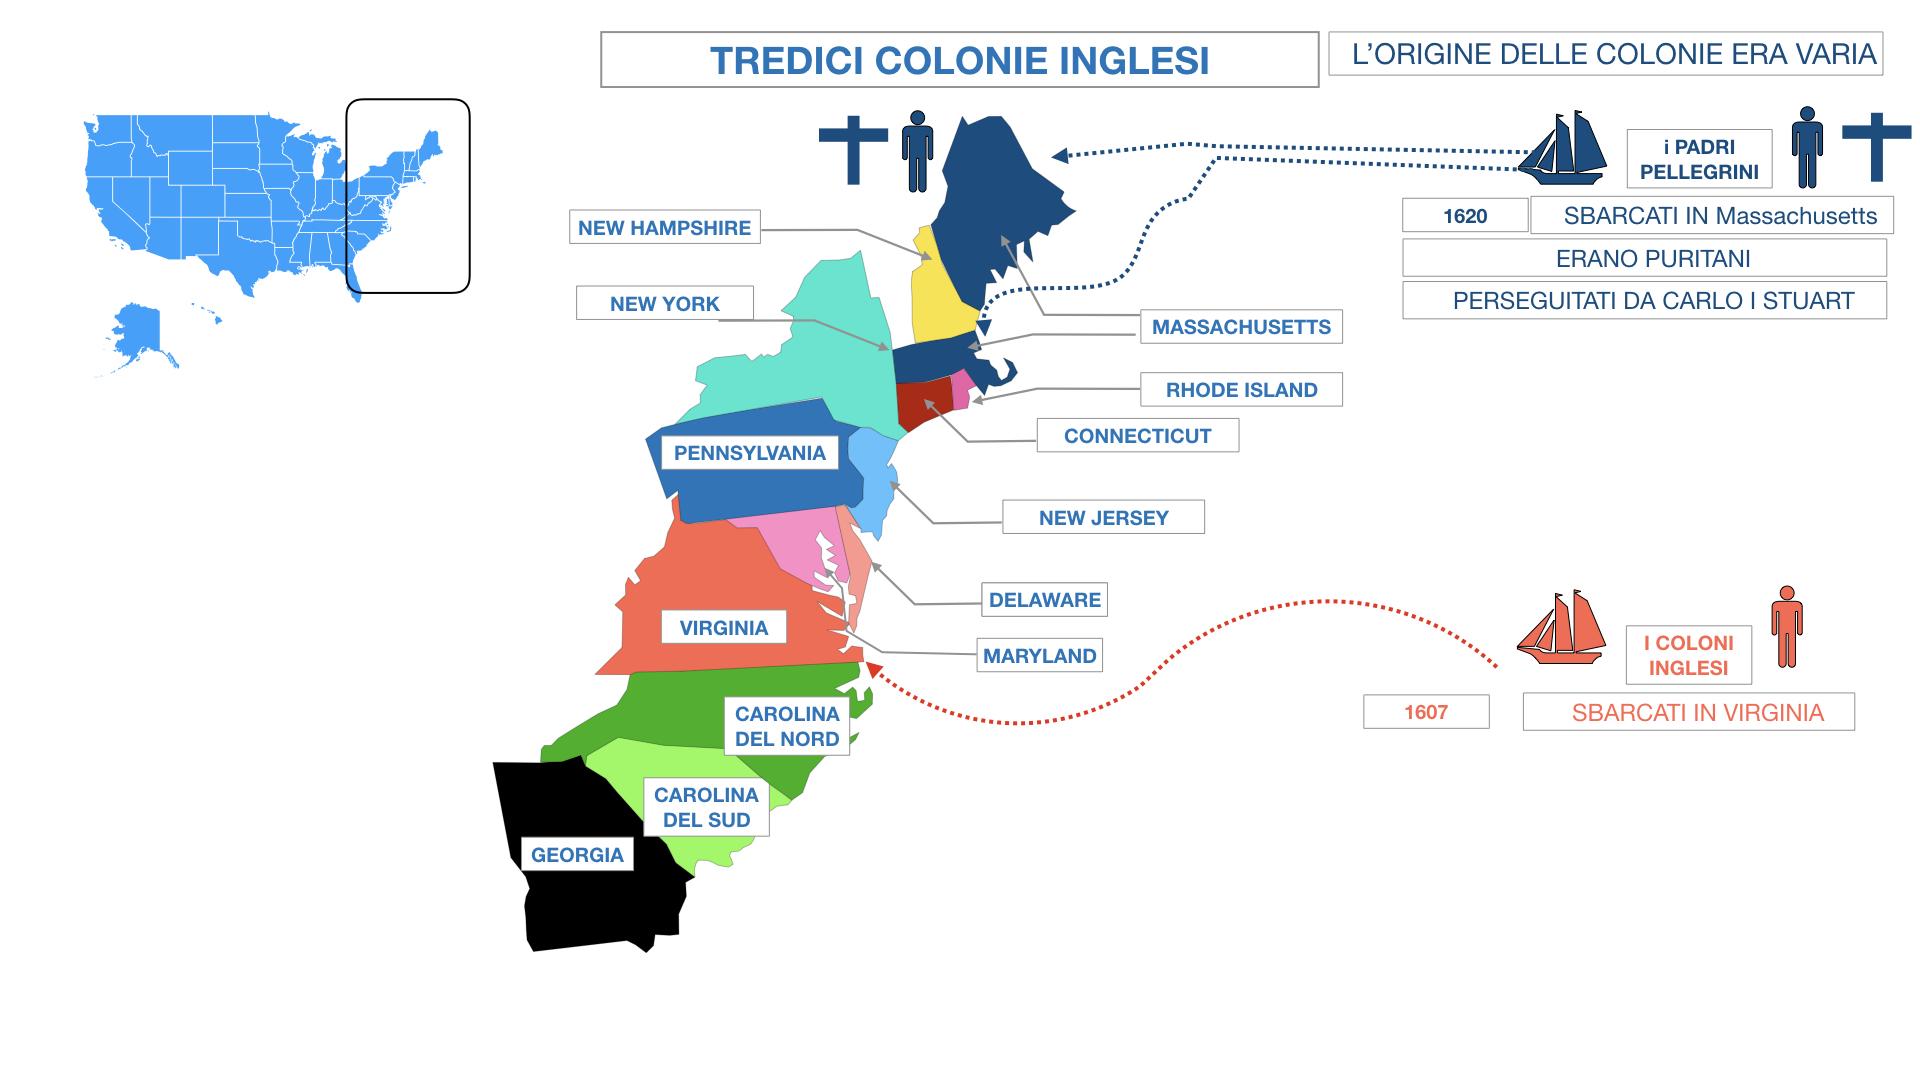 AMERICA LE TREDICI COLONIE INGLESI SIMULAZIONE.047